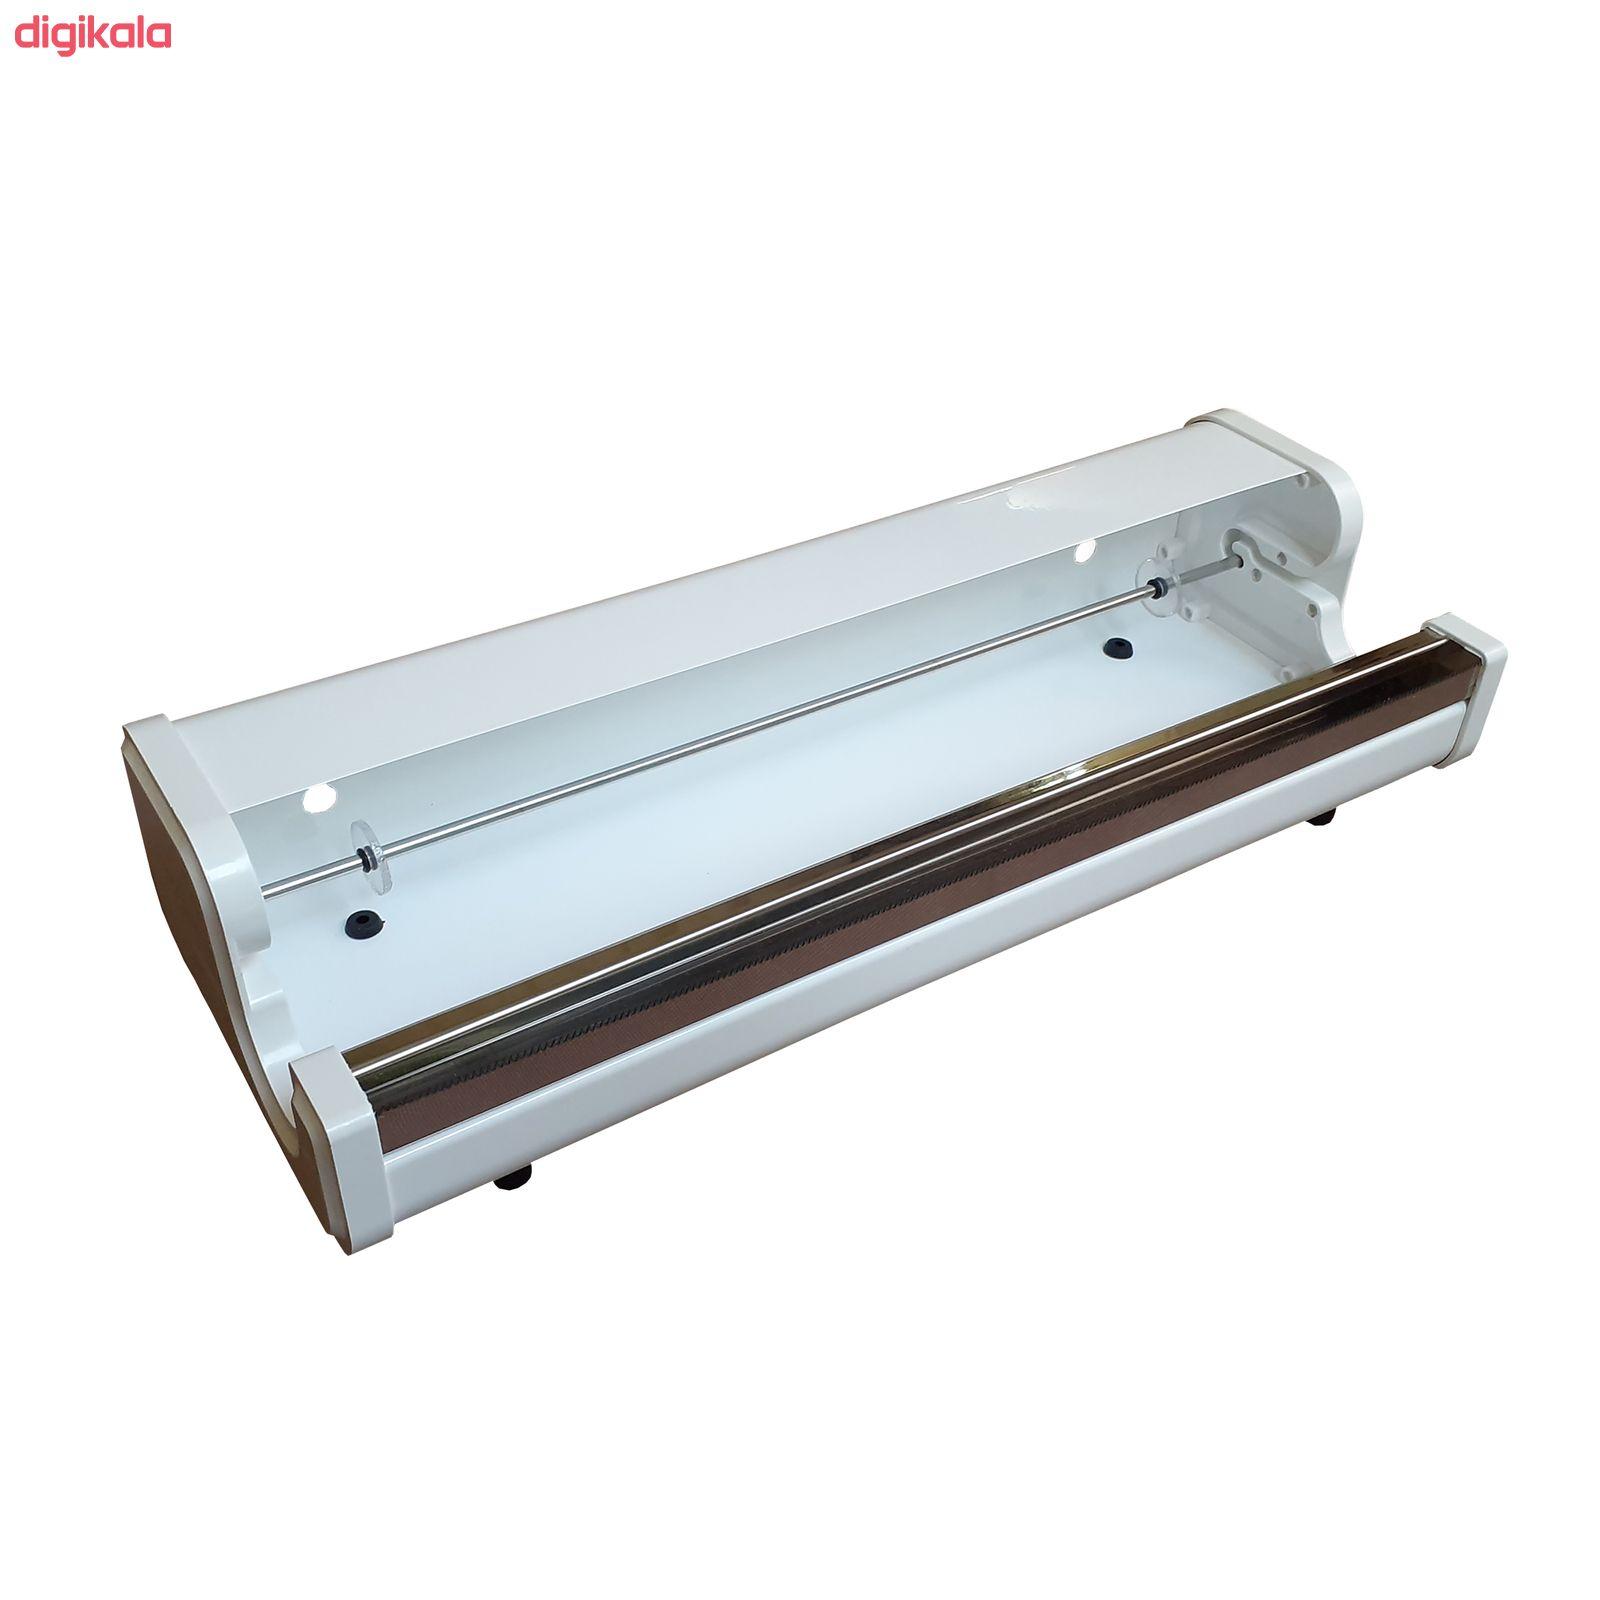 دستگاه سلفون کش مه یاس مدل p431609 main 1 2